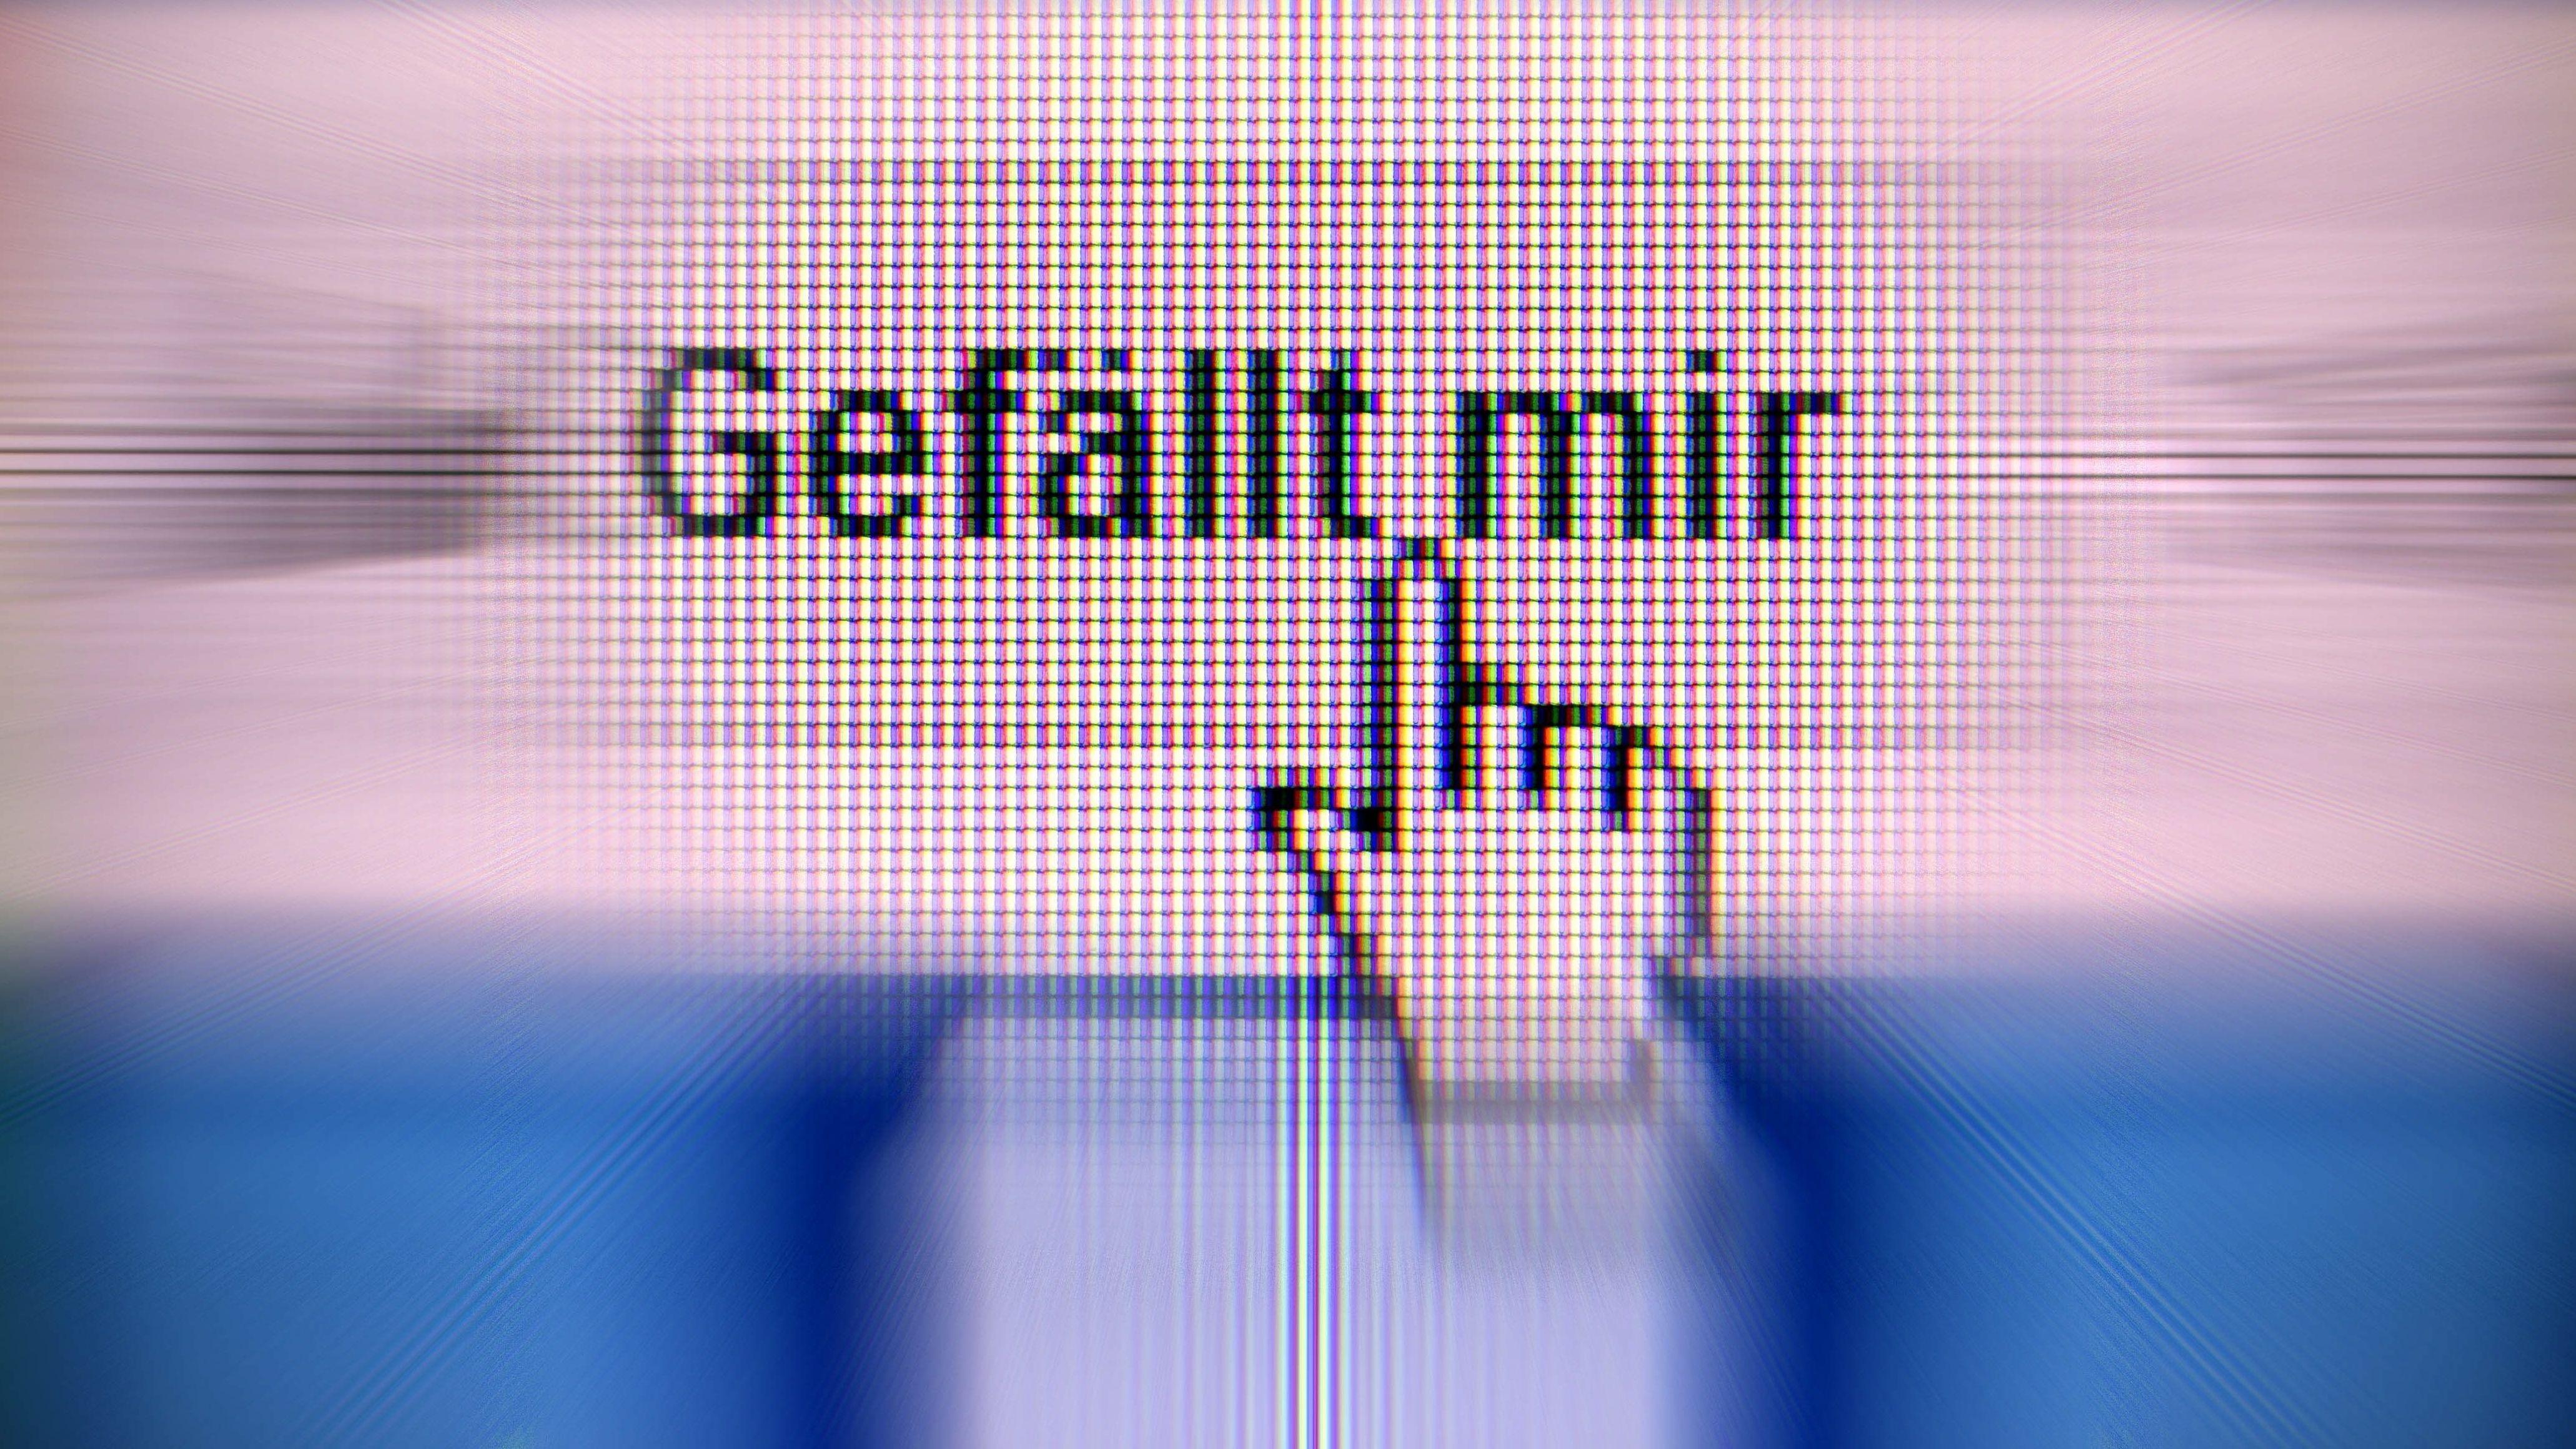 """EuGH zu Facebooks """"Like""""-Button: Nutzer müssen einwilligen"""